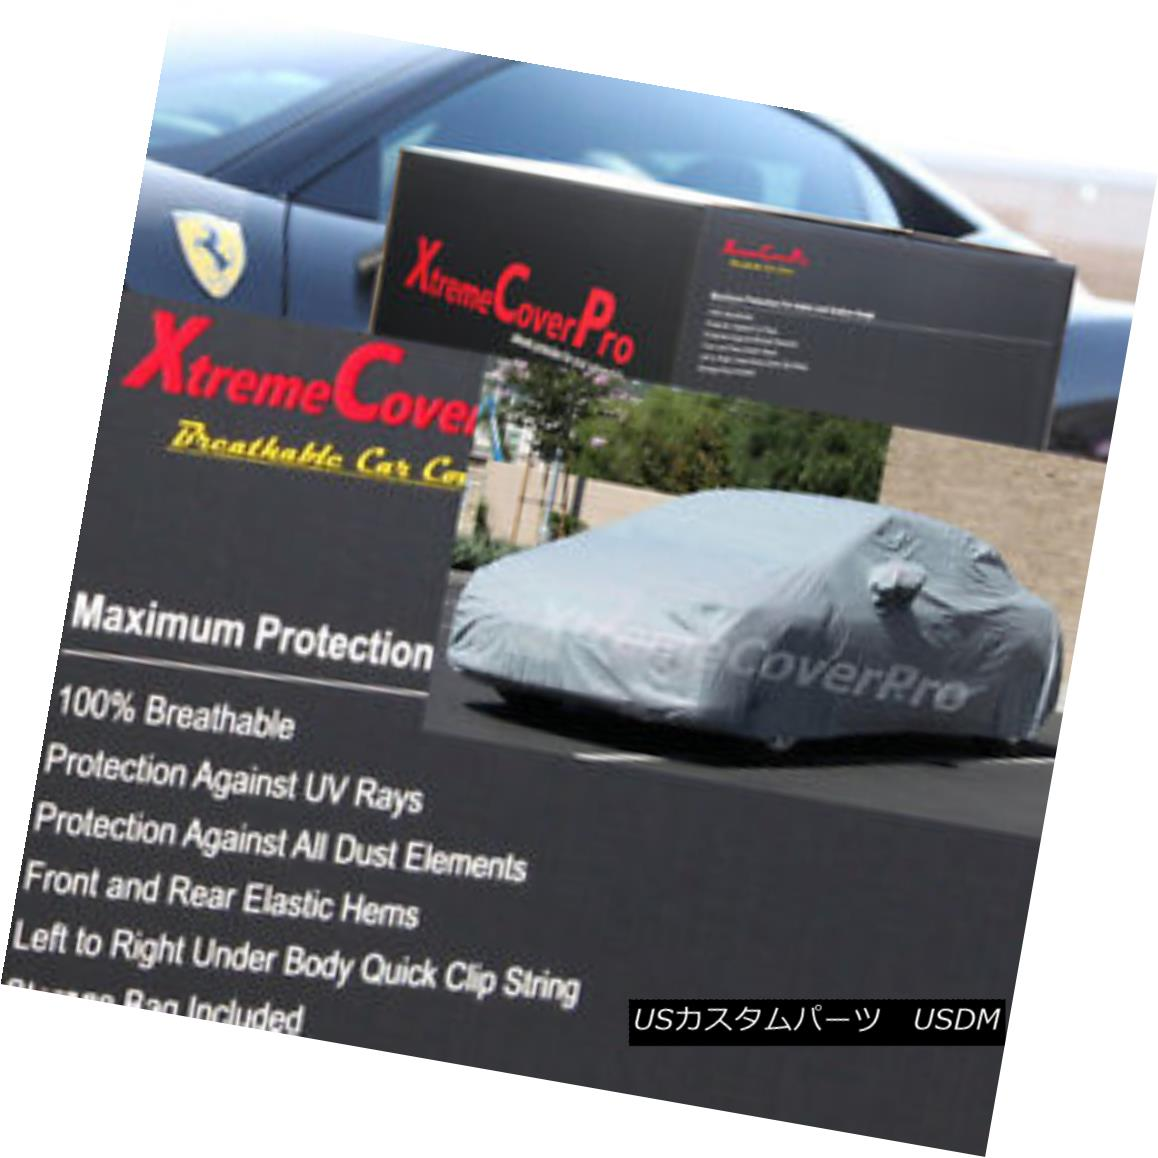 カーカバー 2002 2003 2004 2005 Ford Thunderbird Breathable Car Cover w/MirrorPocket 2002年2003年2004年2005年フォード・サンダーバード通気性カーカバー付き(MirrorPocket)